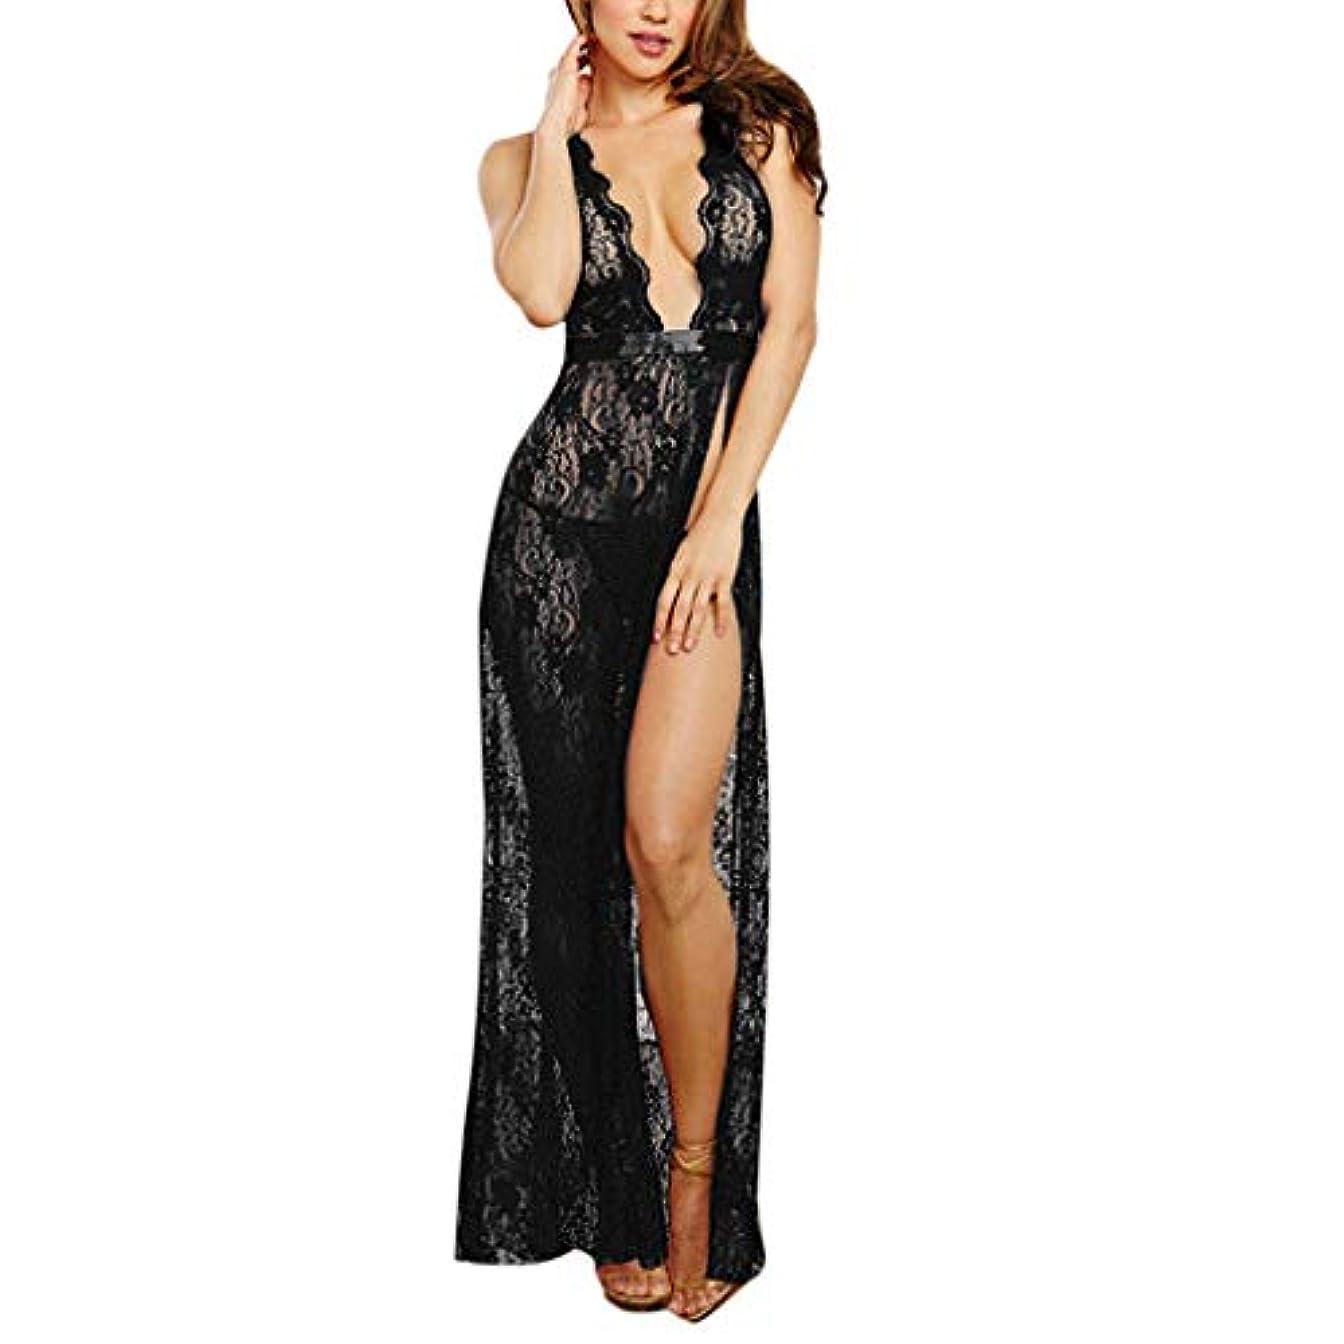 海峡繕うメアリアンジョーンズセクシーランジェリーストラップ美バックディープVレースロングナイトドレスかわいい 過激 透け キャミソール 情趣 女性 エロ下着 アンダーウェア ビキニ 全身 レース 軽量シースルー スリム 福袋